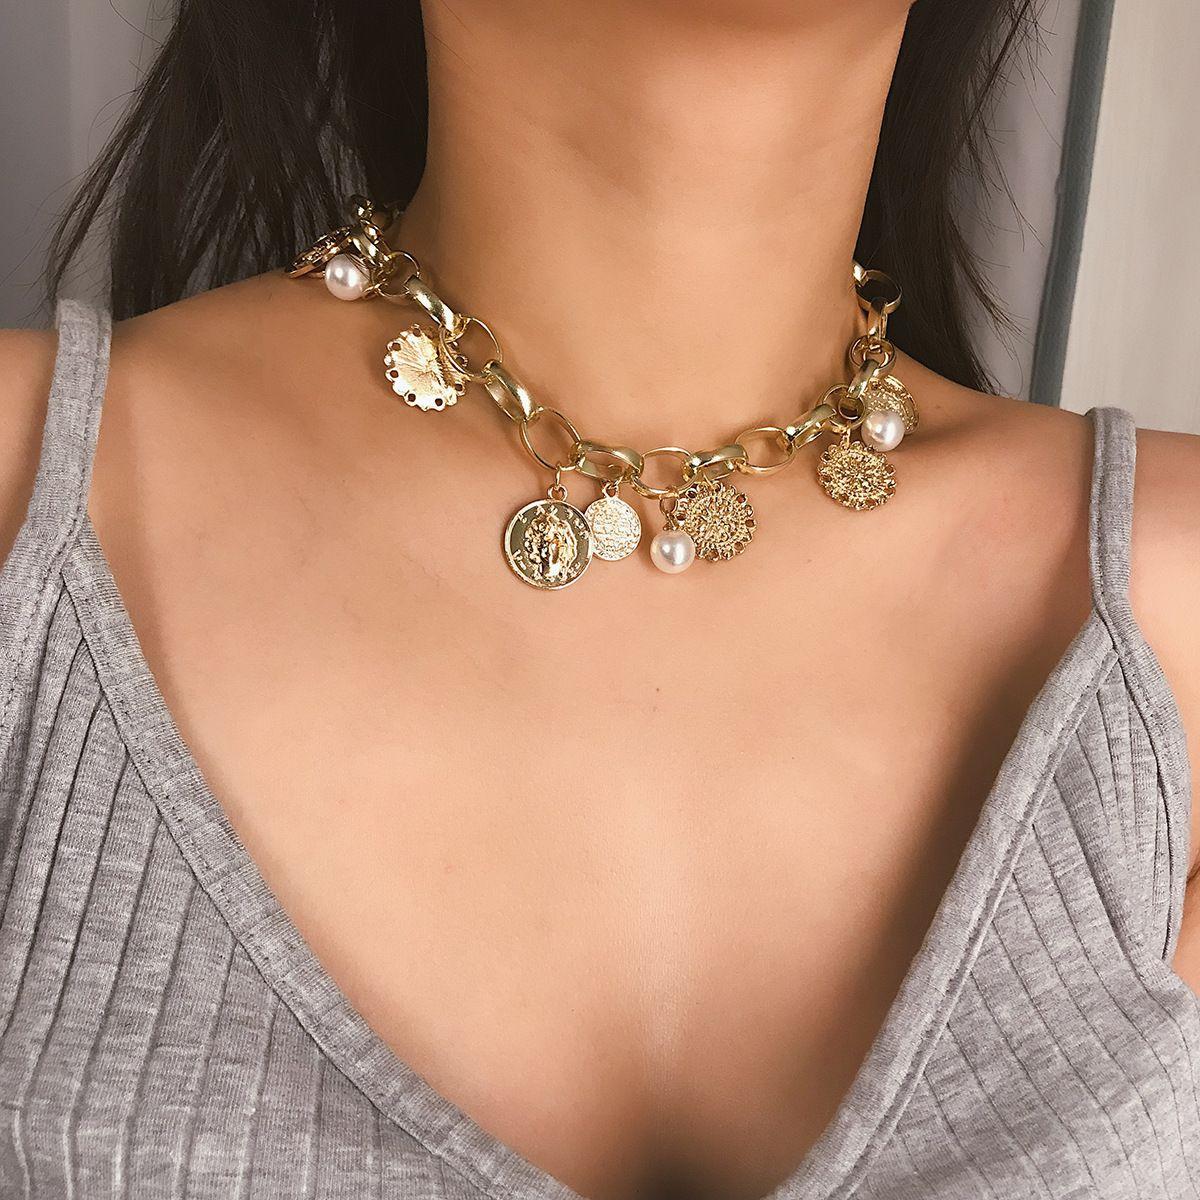 Adornos exageran retratos, monedas, collares de múltiples elementos retro, bandejas de alivio de la mujer, perlas como collares